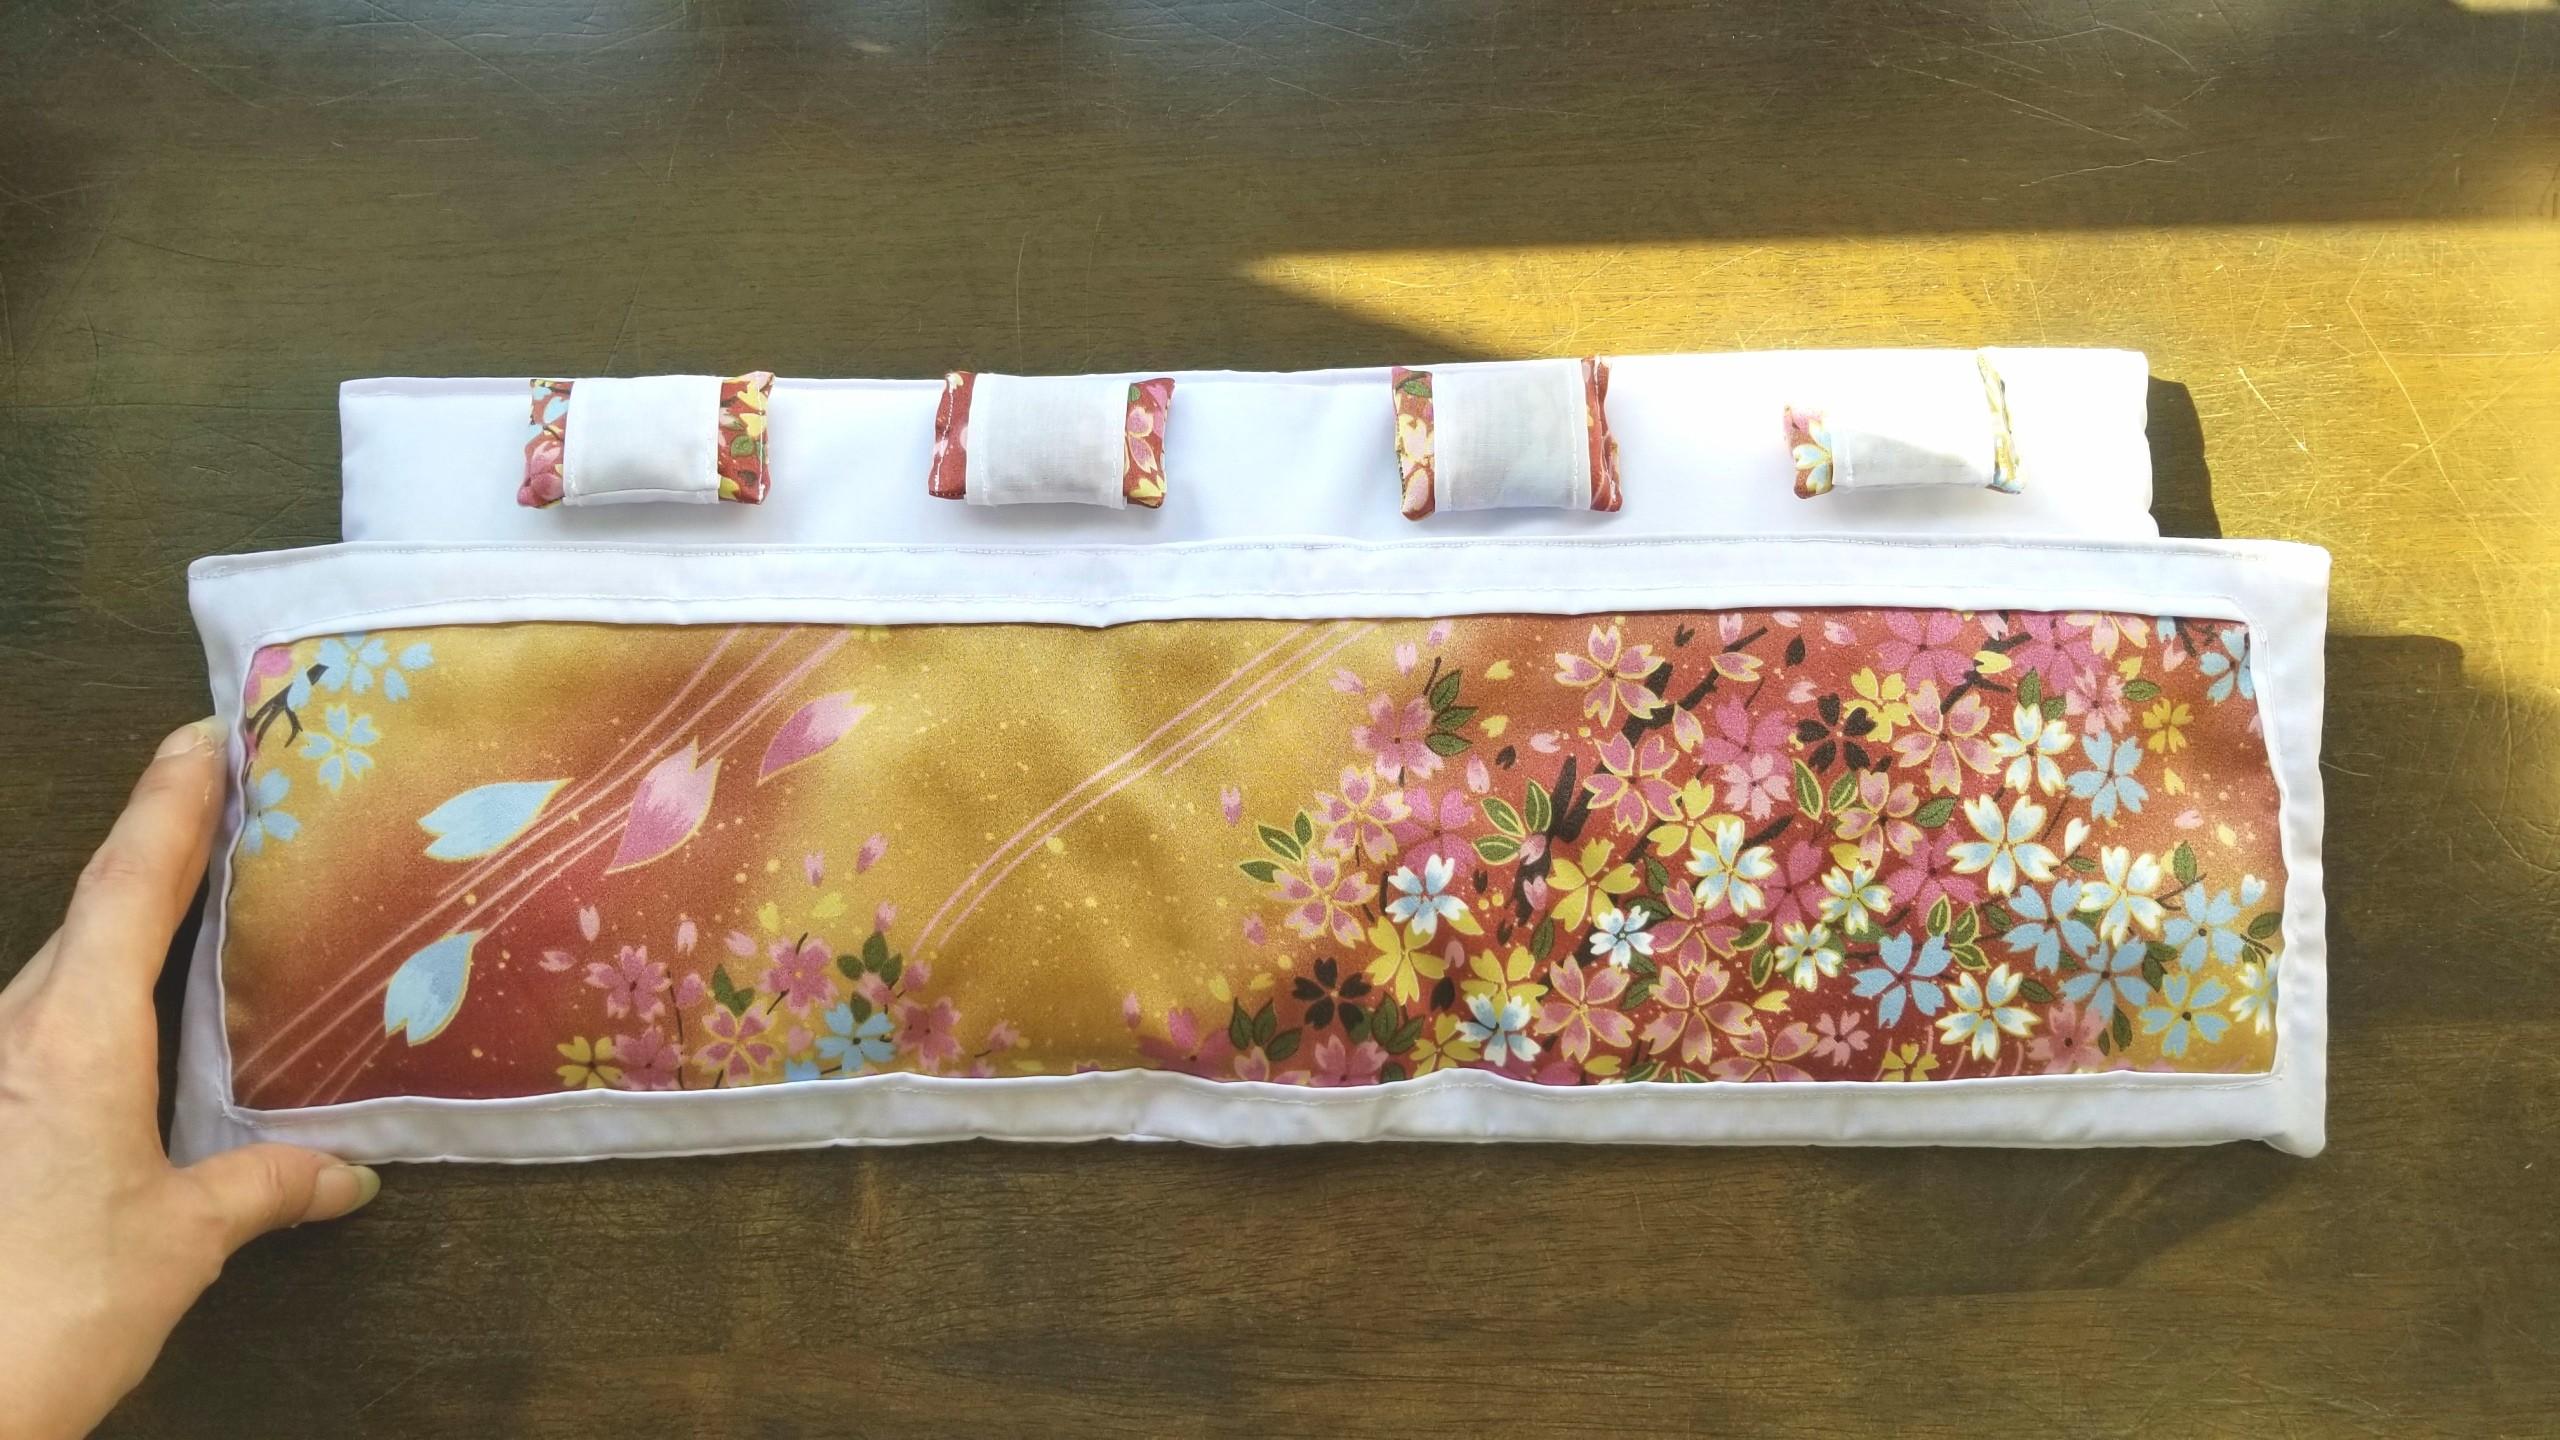 浅夢堂田吾,可愛いお布団と枕のセット,オビツろいど11,ドール用小物